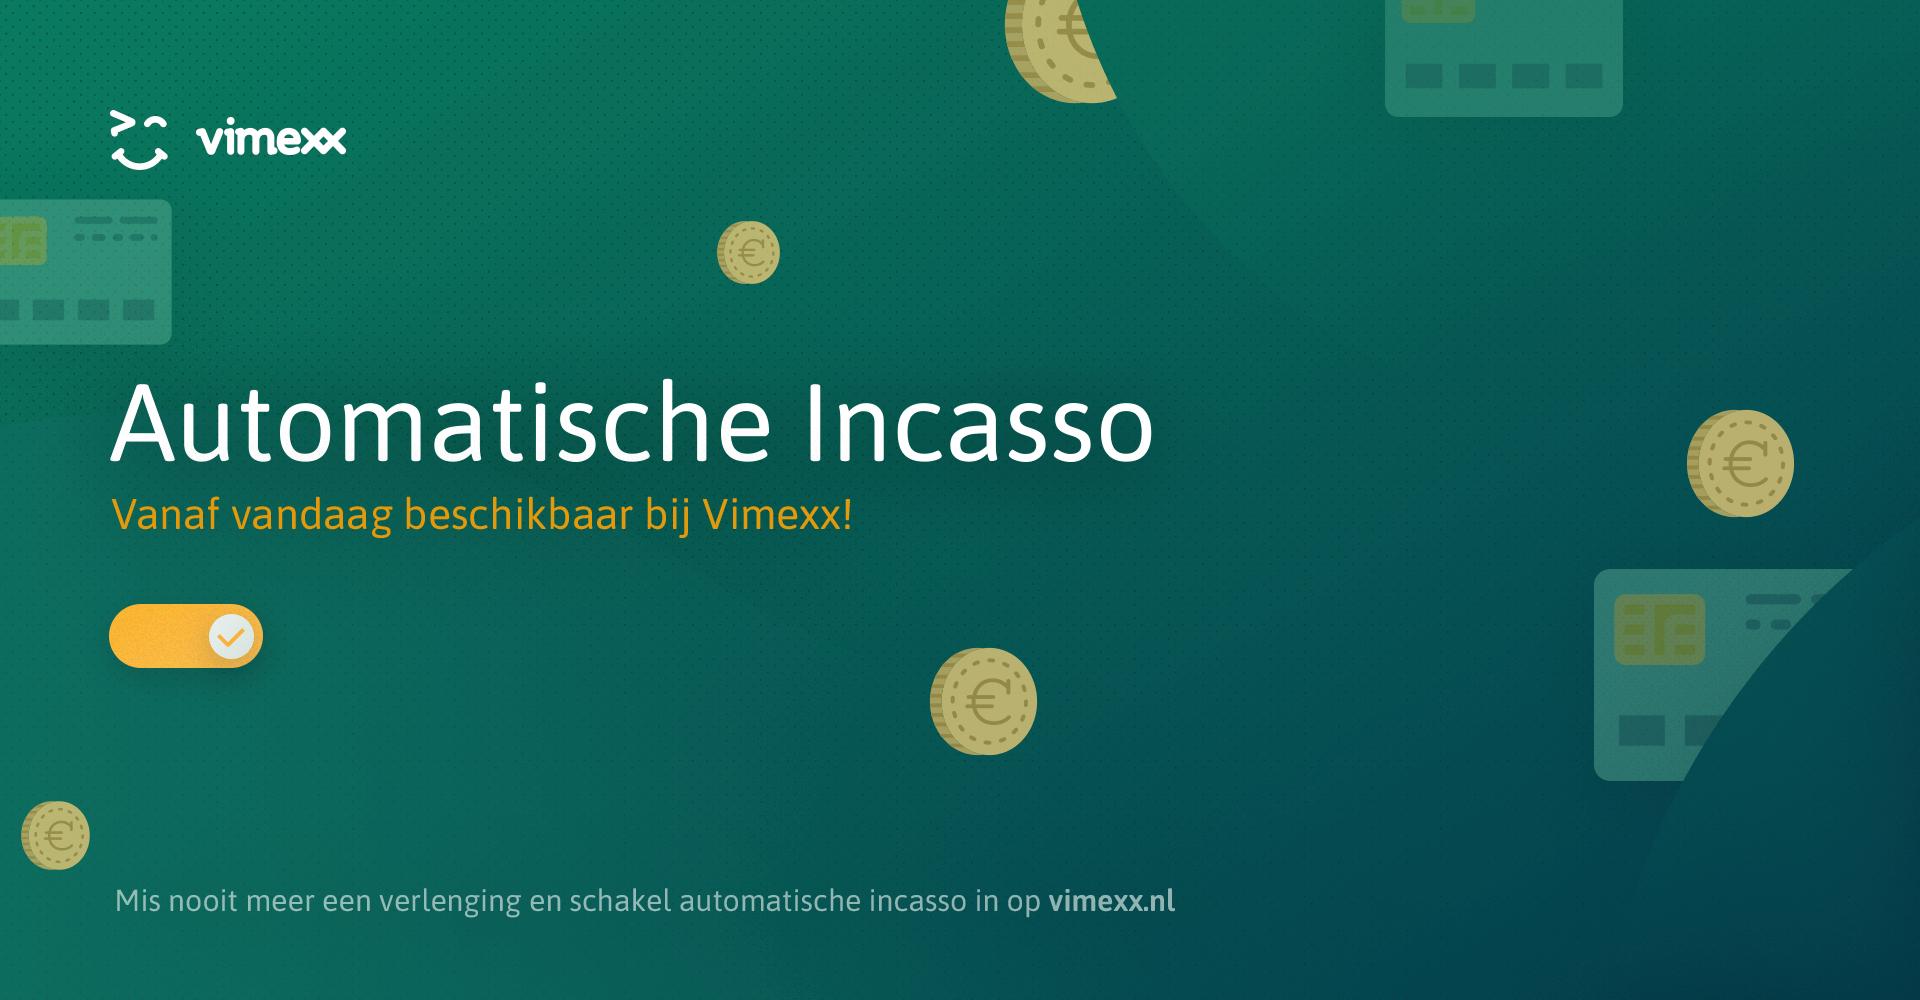 Automatische incasso vanaf vandaag beschikbaar!